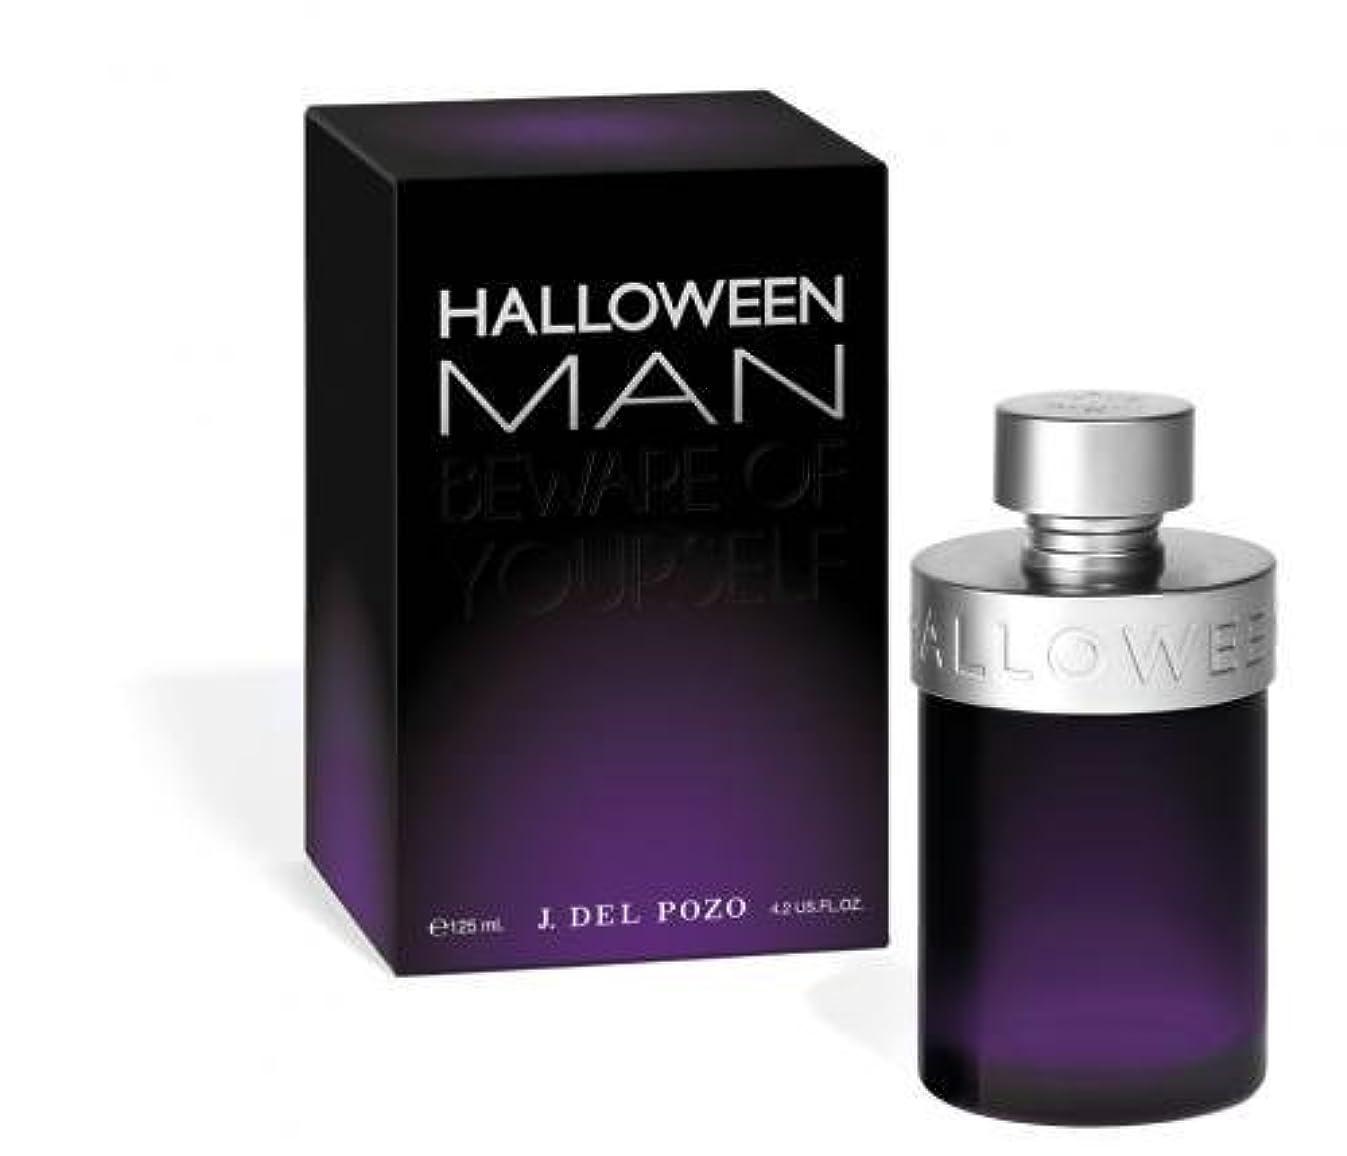 辛な縞模様の見つけるハロウィンマン香水EDT 125mlのVAPO